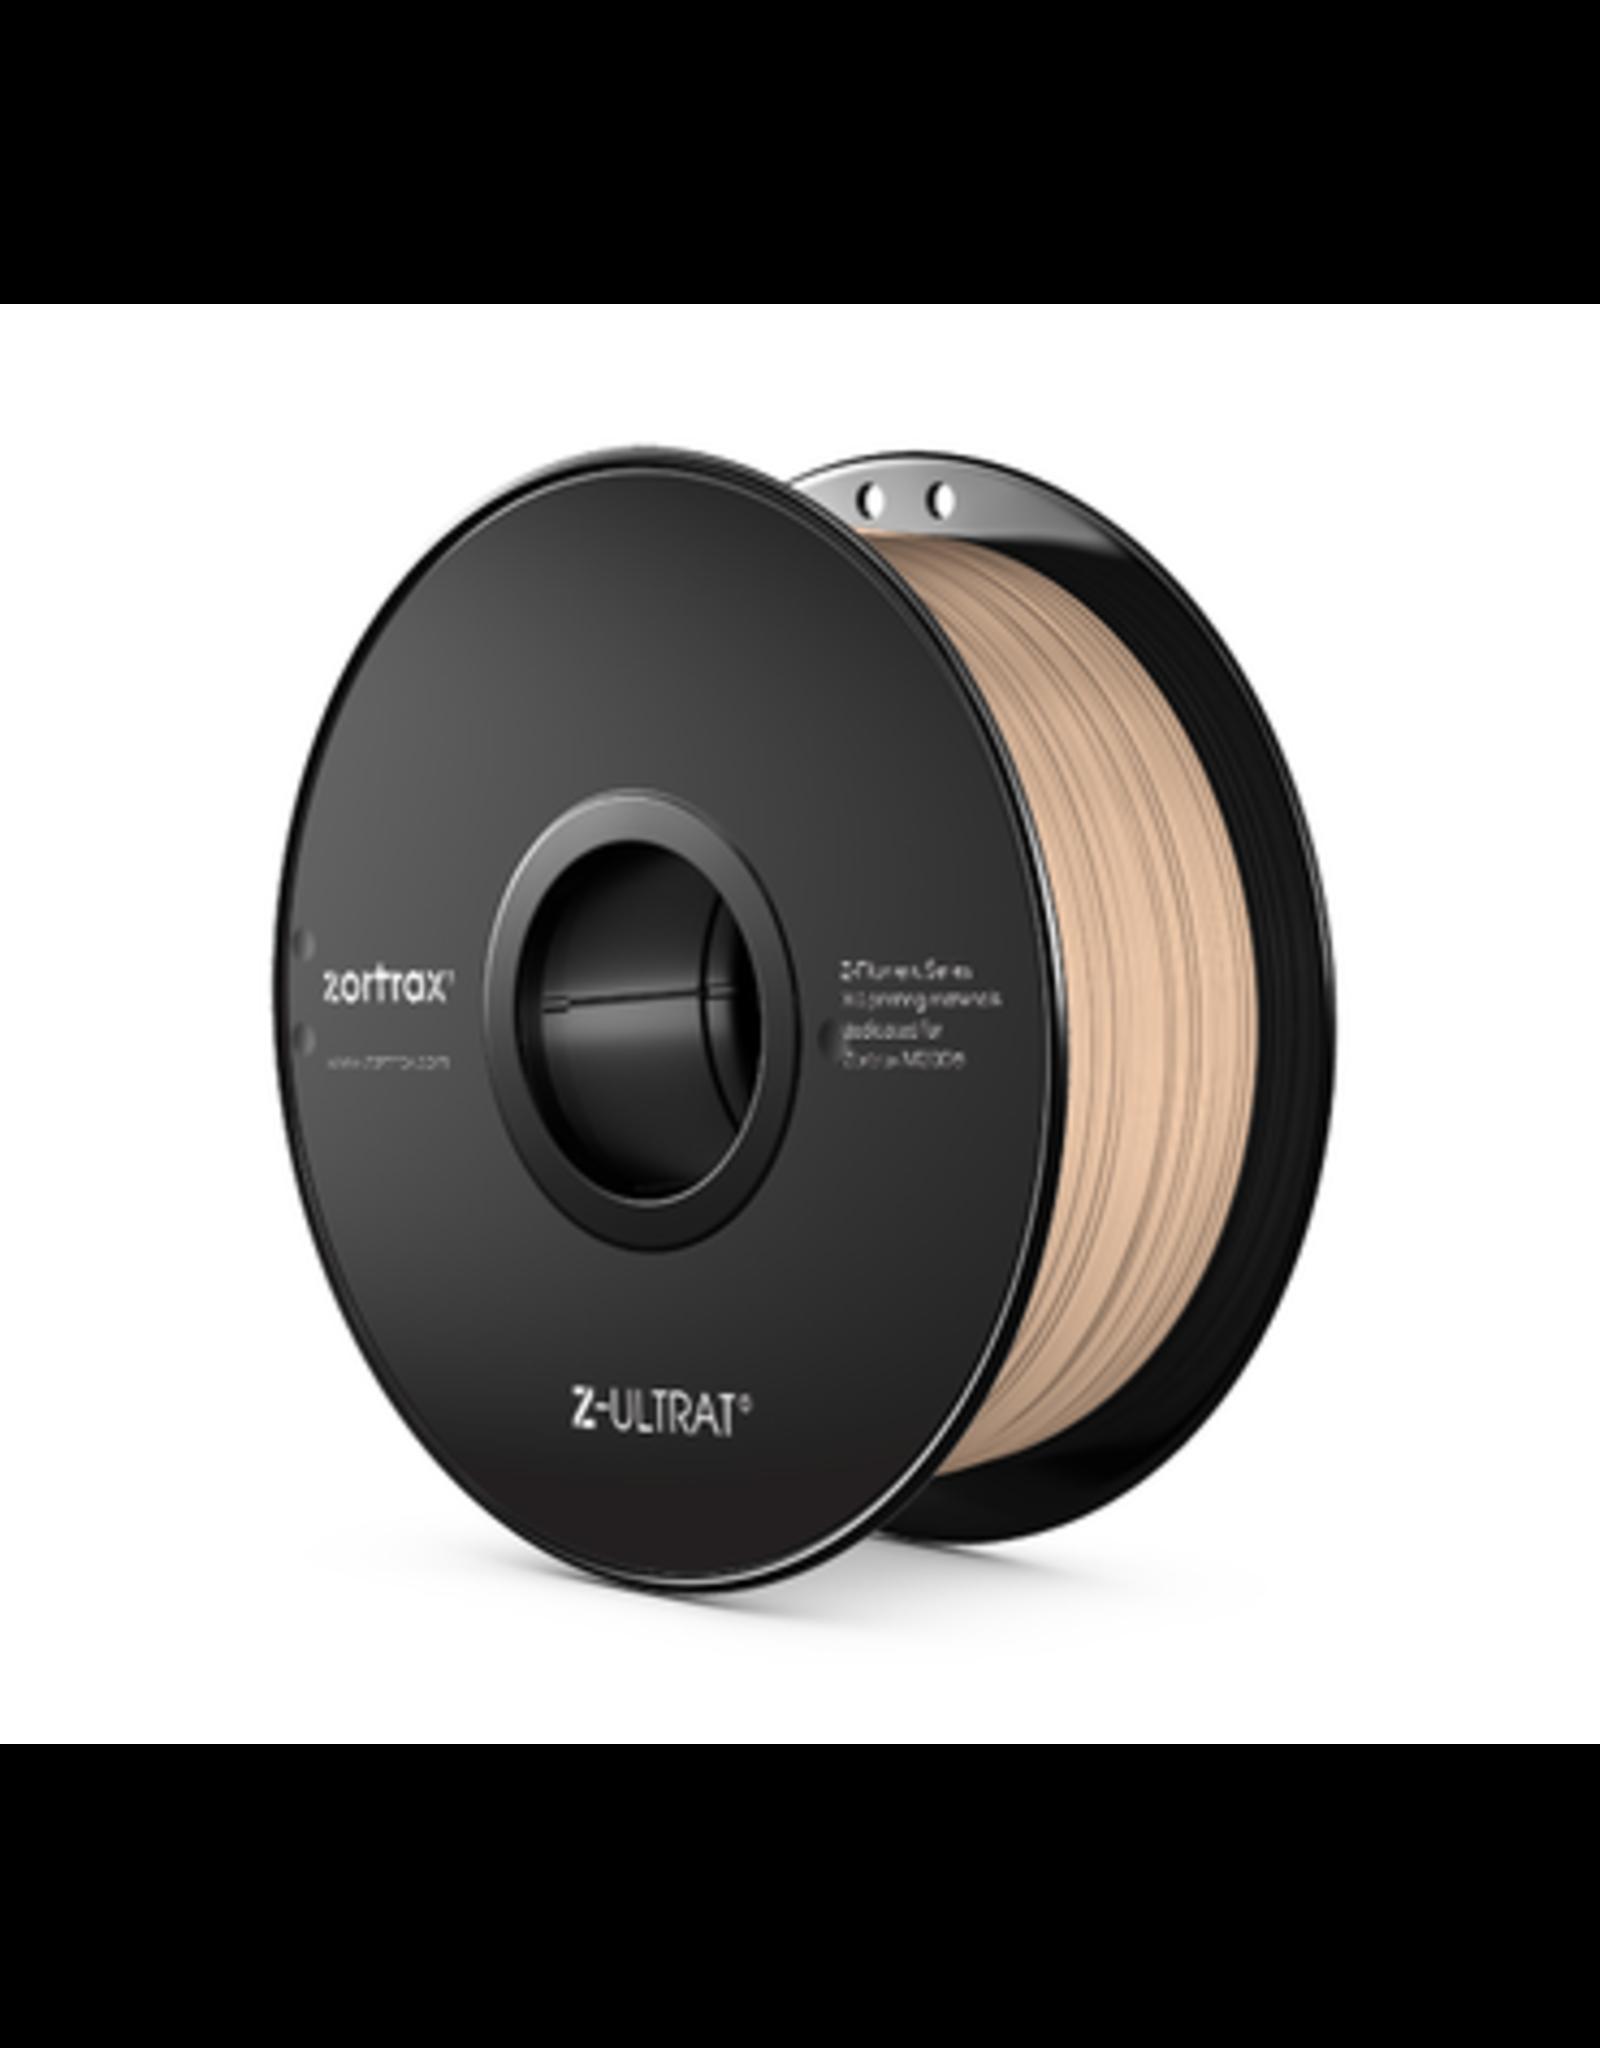 Zortrax Zortrax Z-ULTRAT Filament - 1.75mm - 800g - Nude